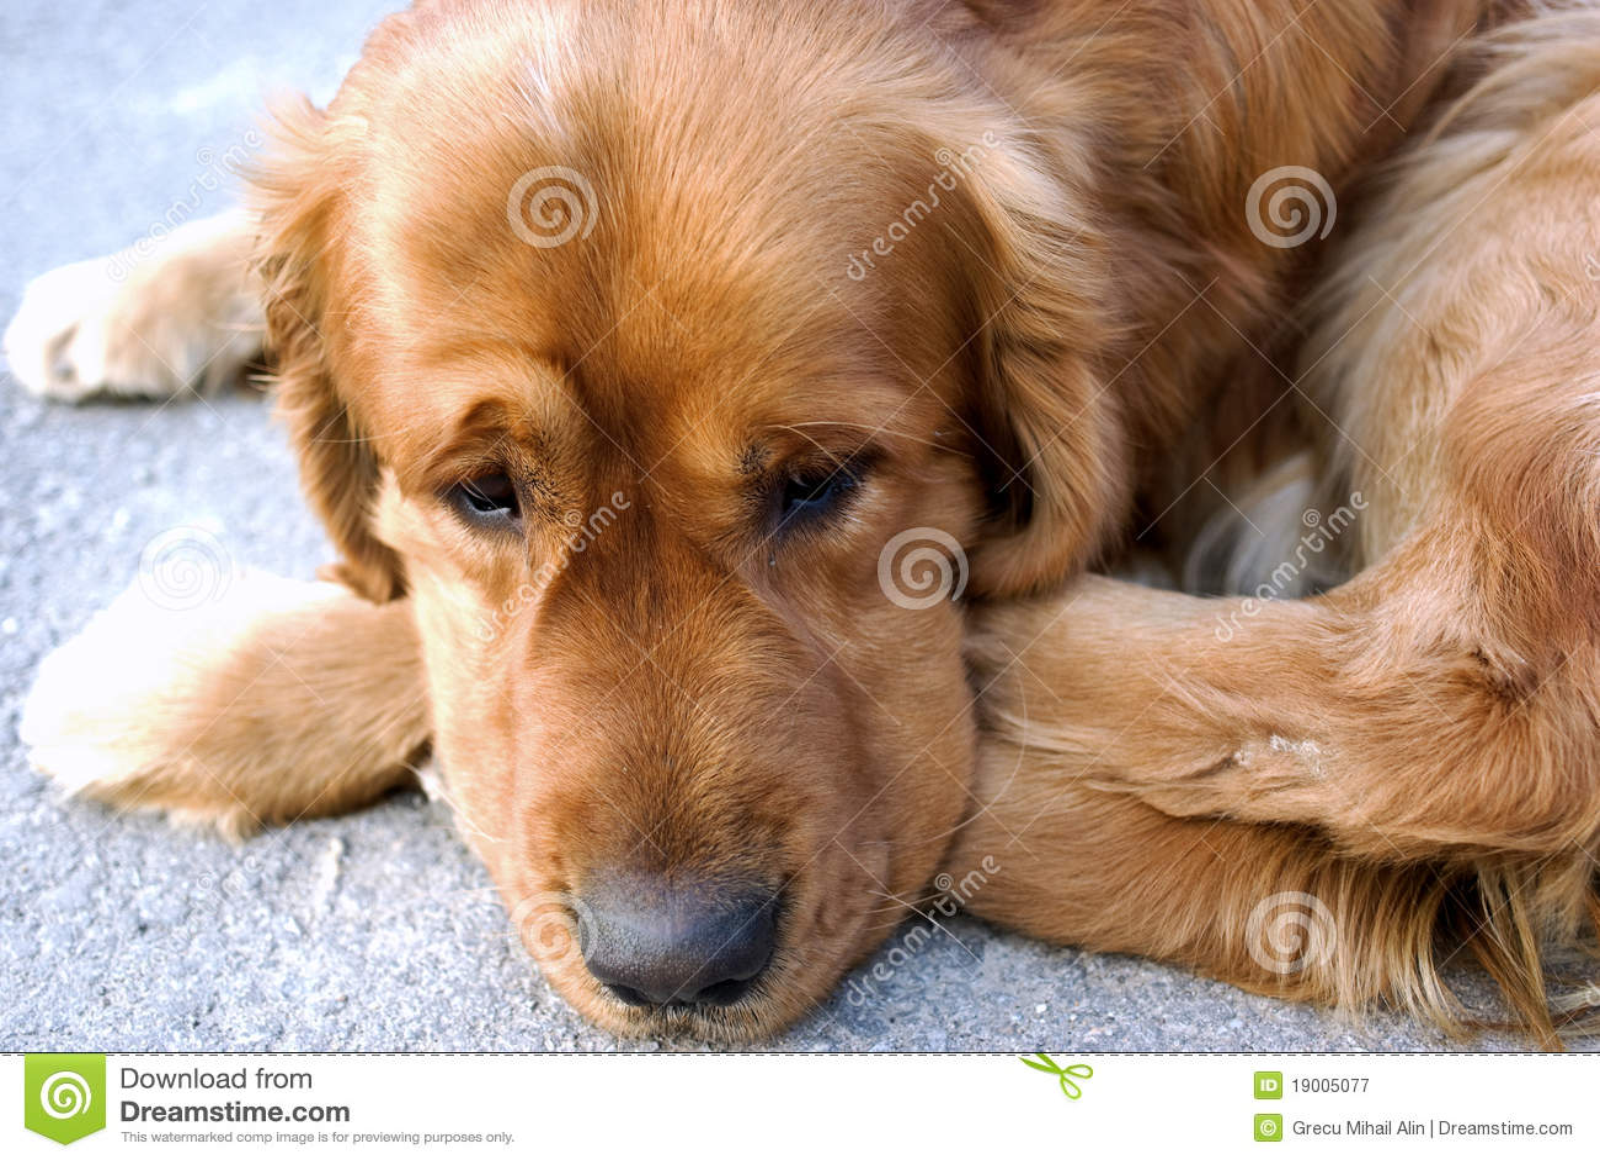 De droevige hond ziet eruit